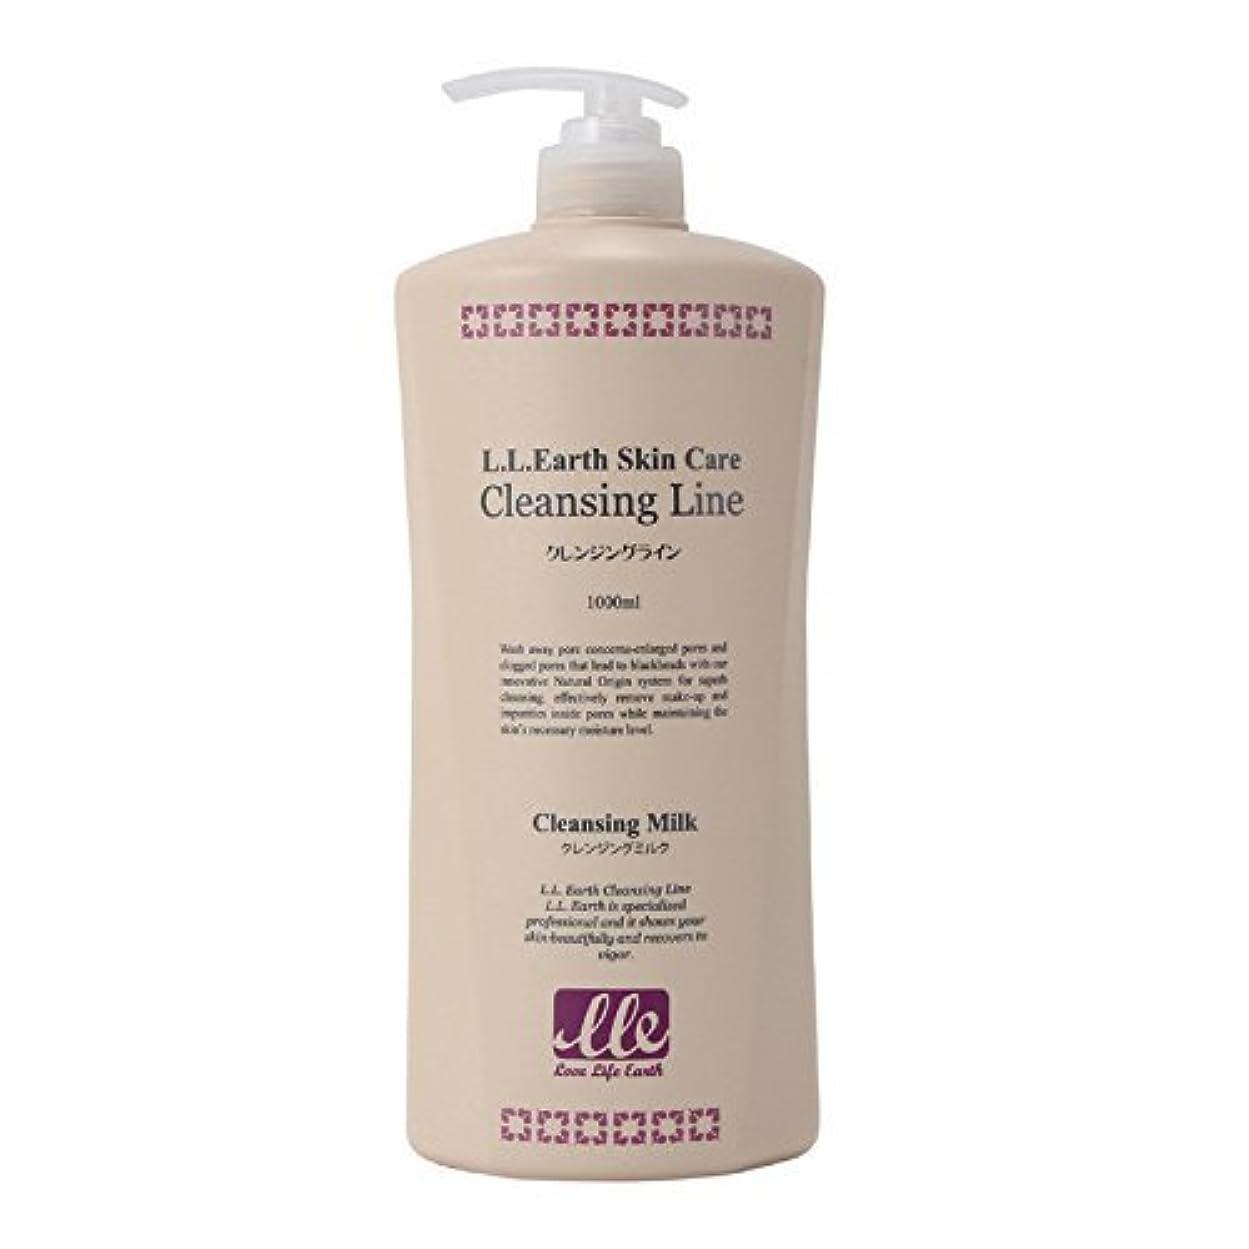 LLE 業務用 クレンジングミルク 1000ml 大容量 ( メイク落とし 拭き取り?洗い流し両用 ) M